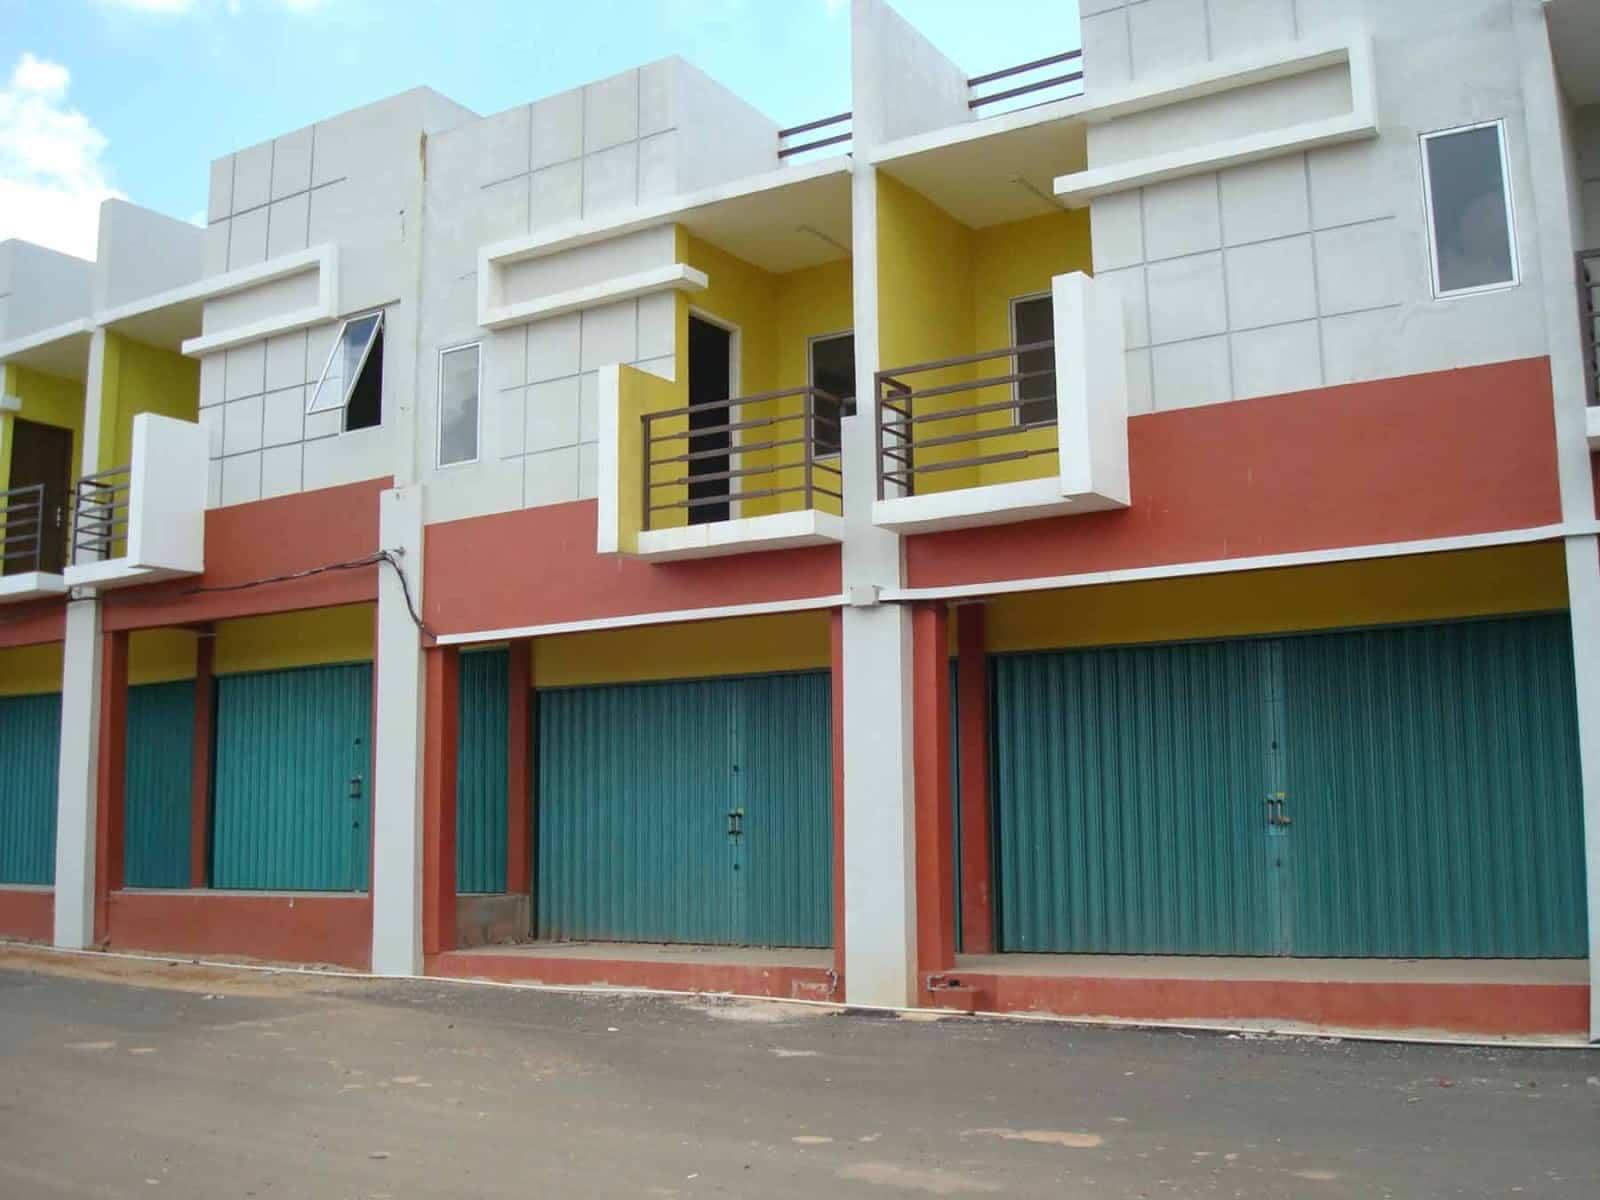 Desain Ruko dengan Balkon di Lantai 2